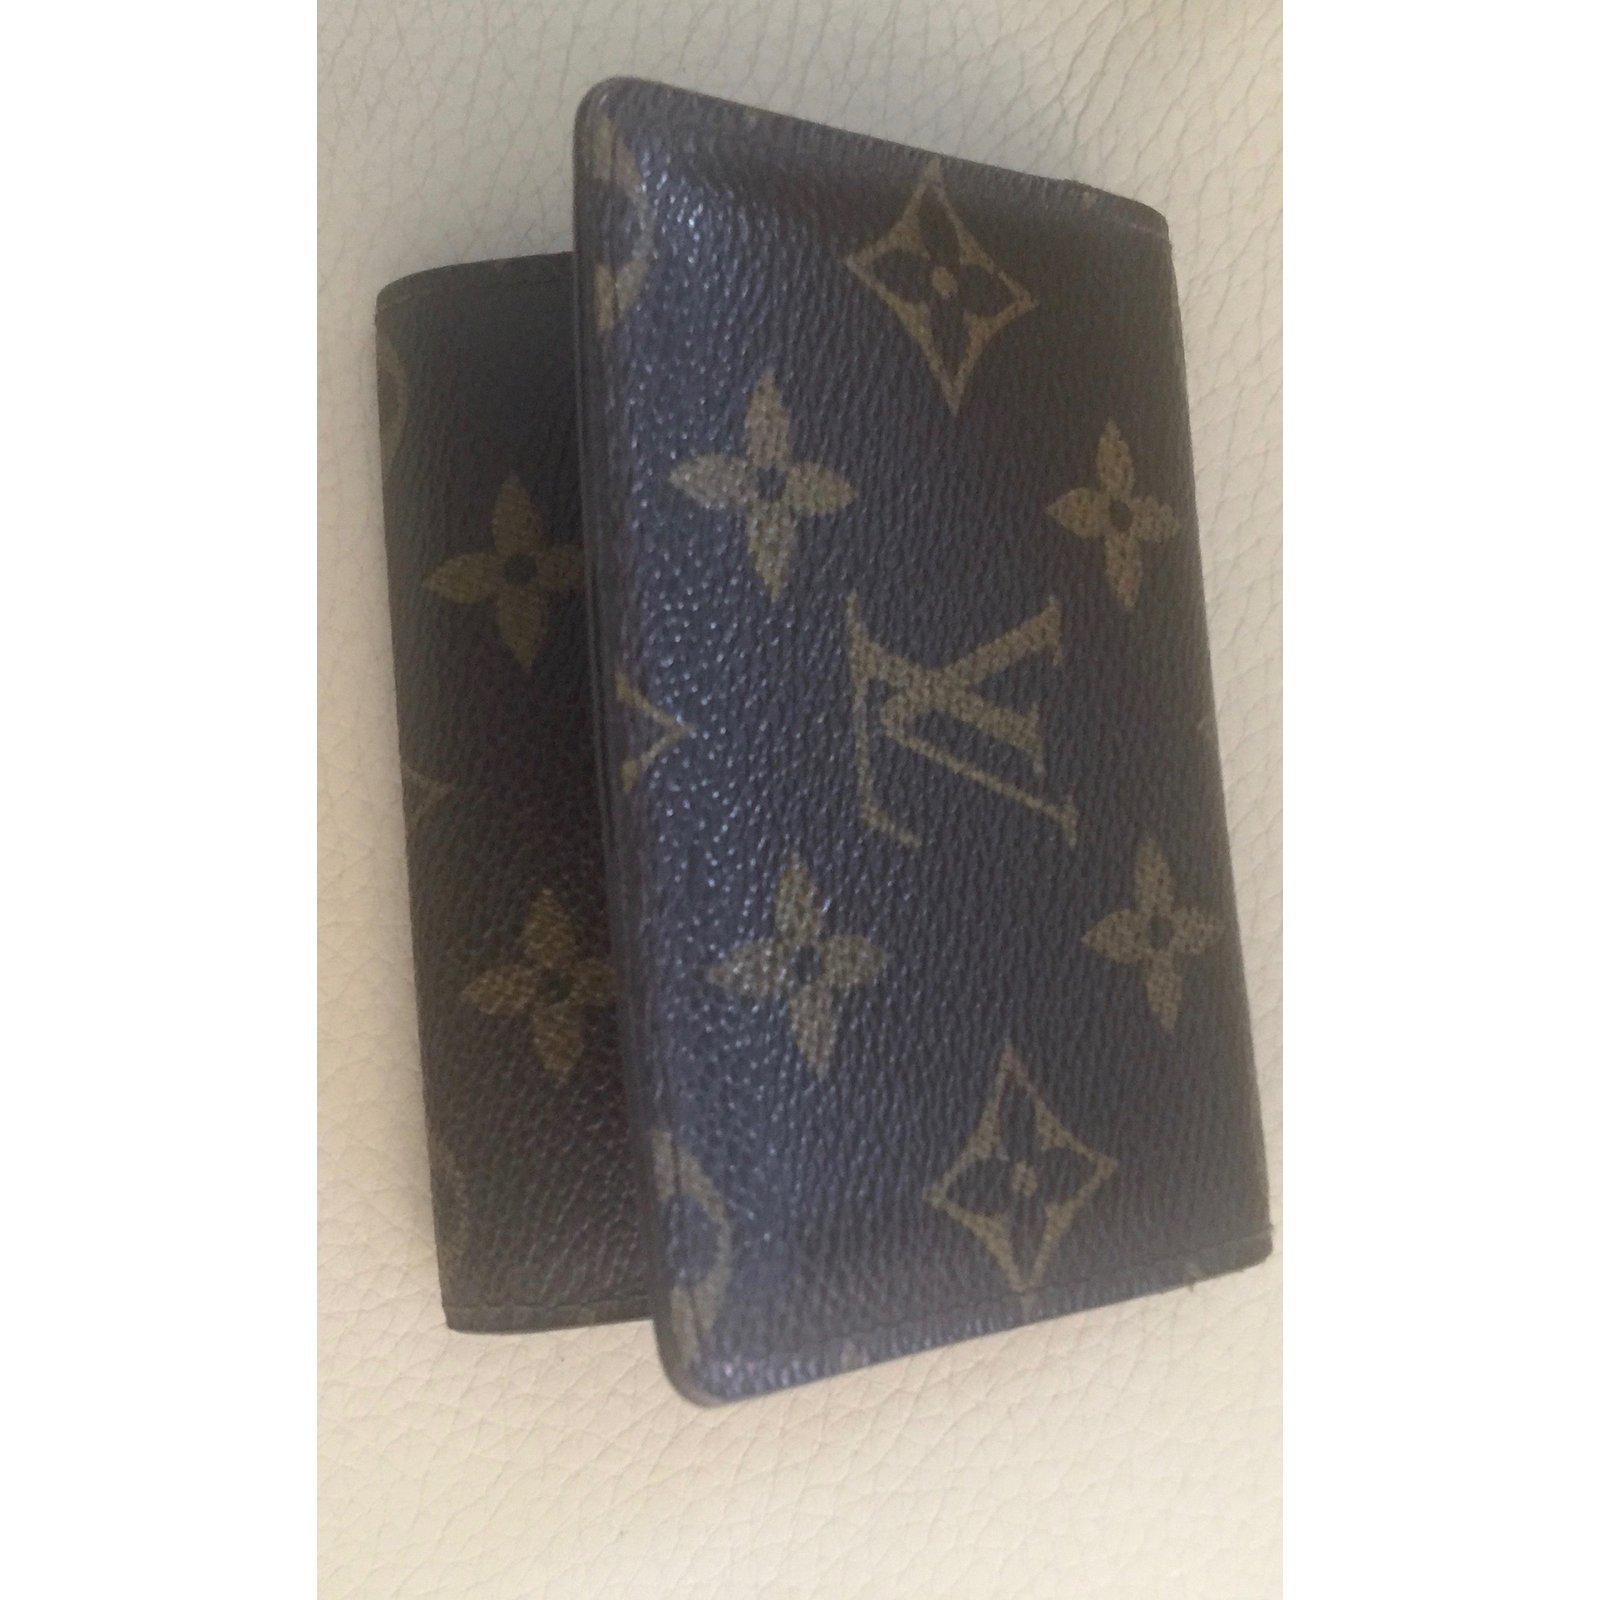 dcf0b4cc2e01 Portefeuilles Louis Vuitton Porte cartes Toile Marron foncé ref.48952 -  Joli Closet